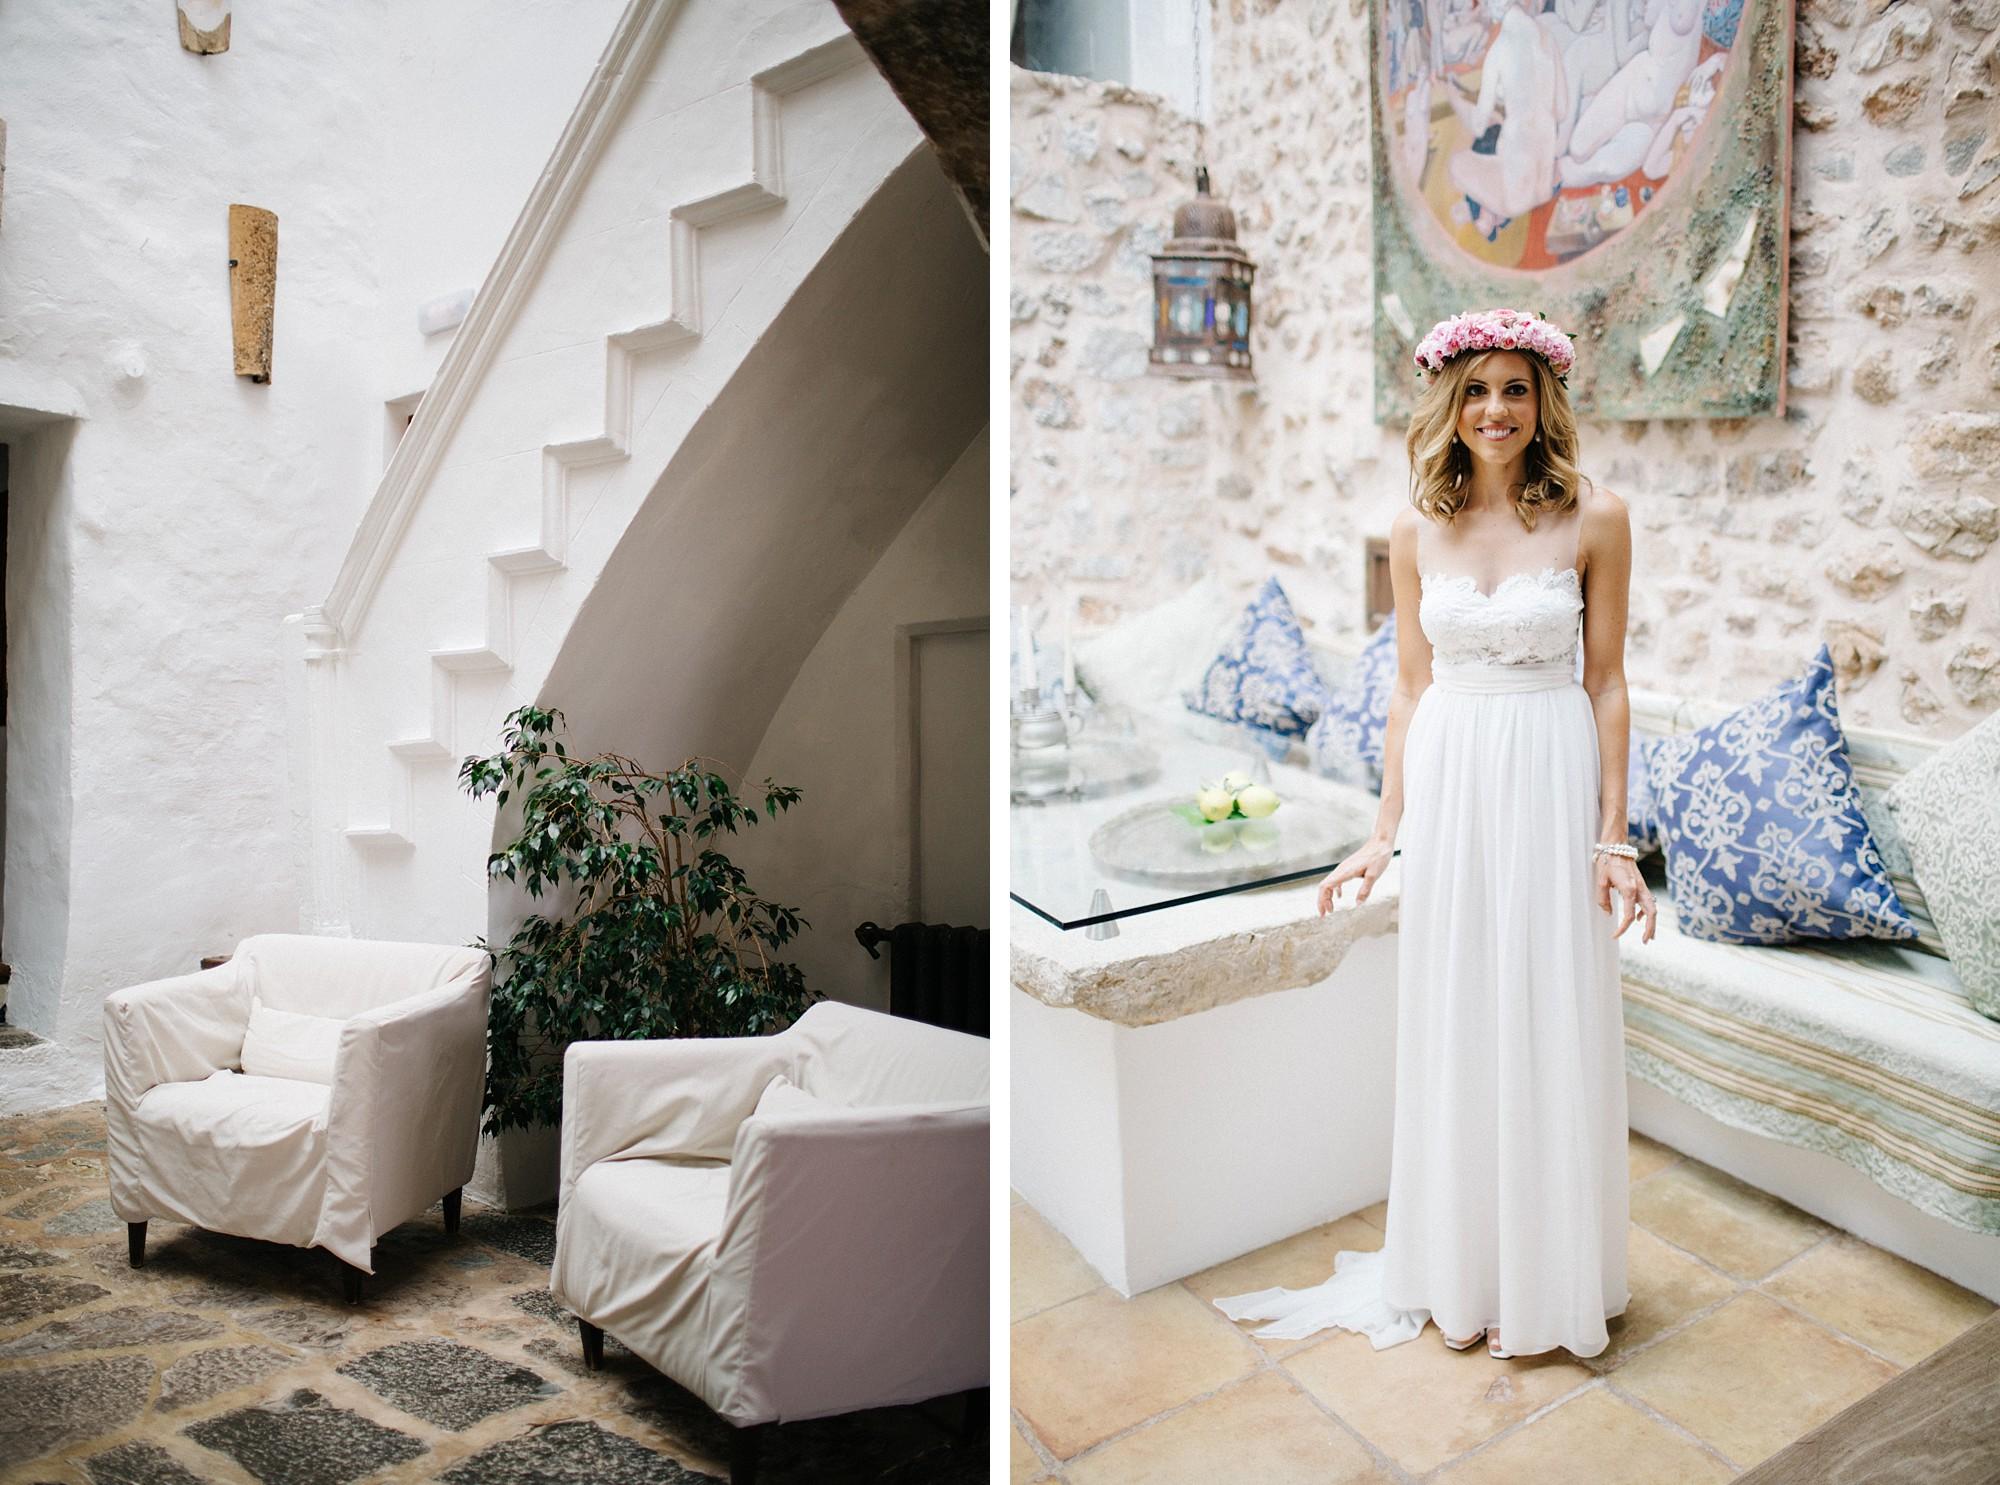 fotografos de boda en valencia barcelona mallorca wedding photographer056.jpg